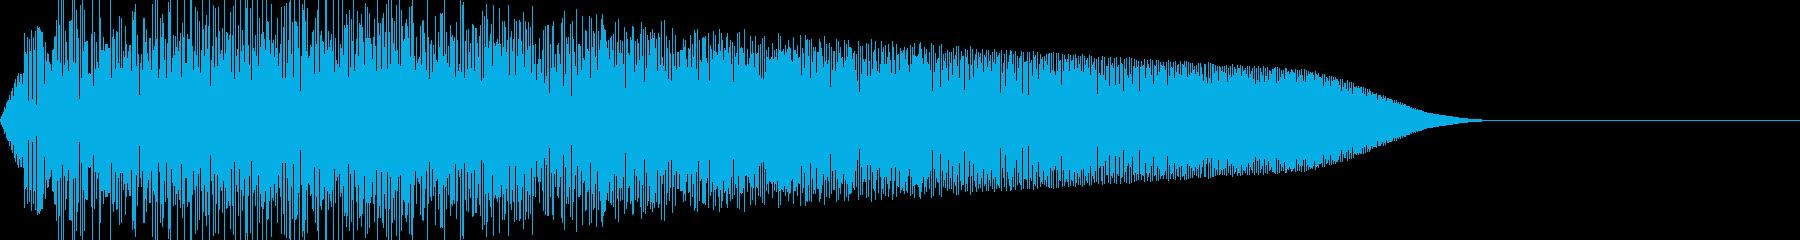 ビューン(移動ワープ/宇宙ファミコンSFの再生済みの波形